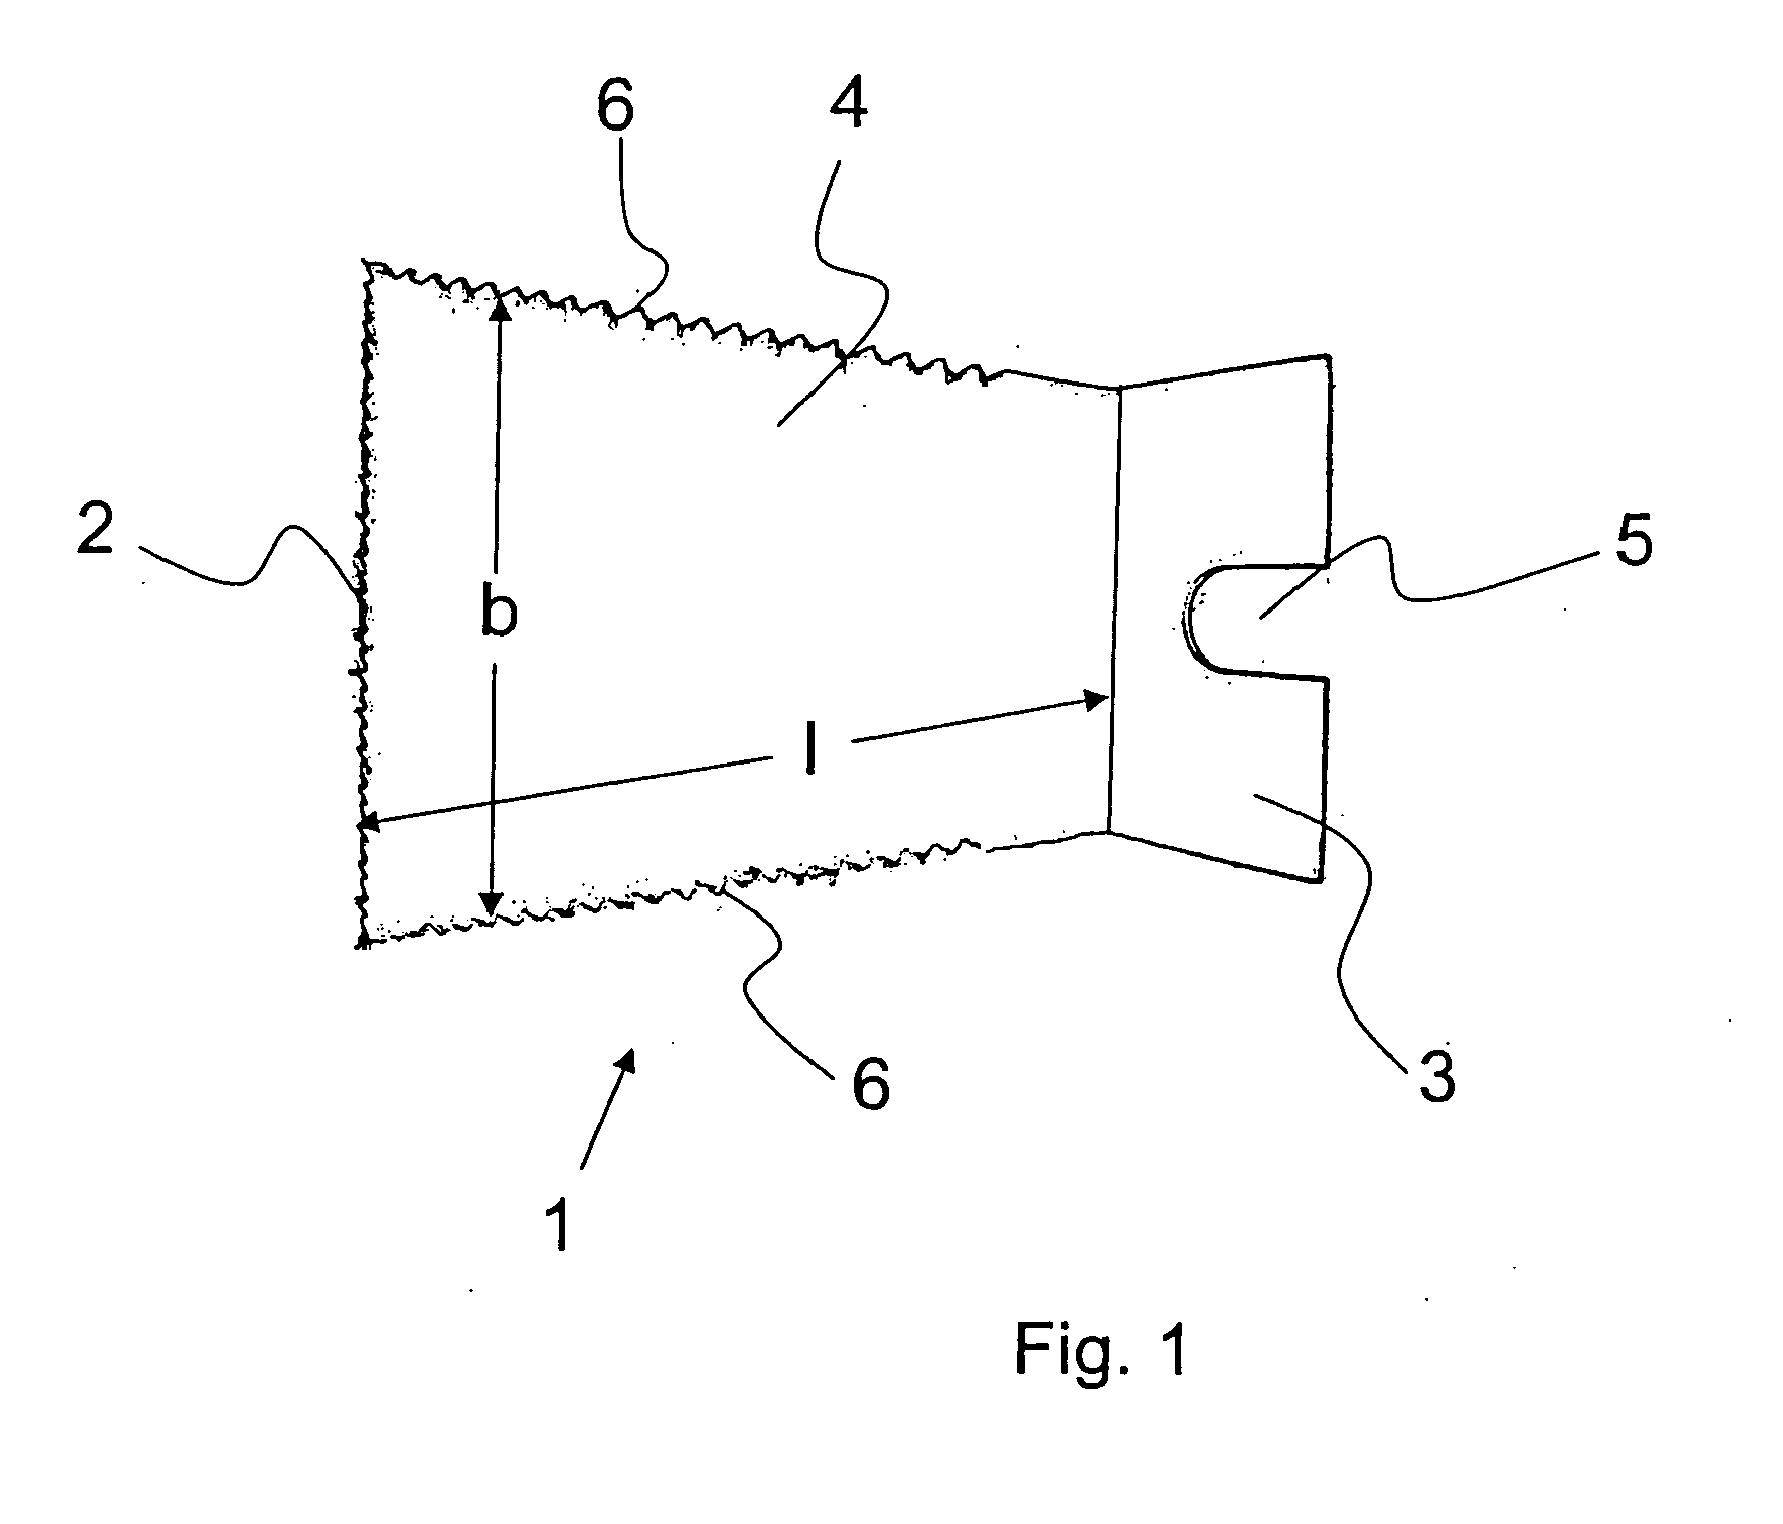 patent ep2295211a1 - oszillationssägeblatt und oszillationssäge